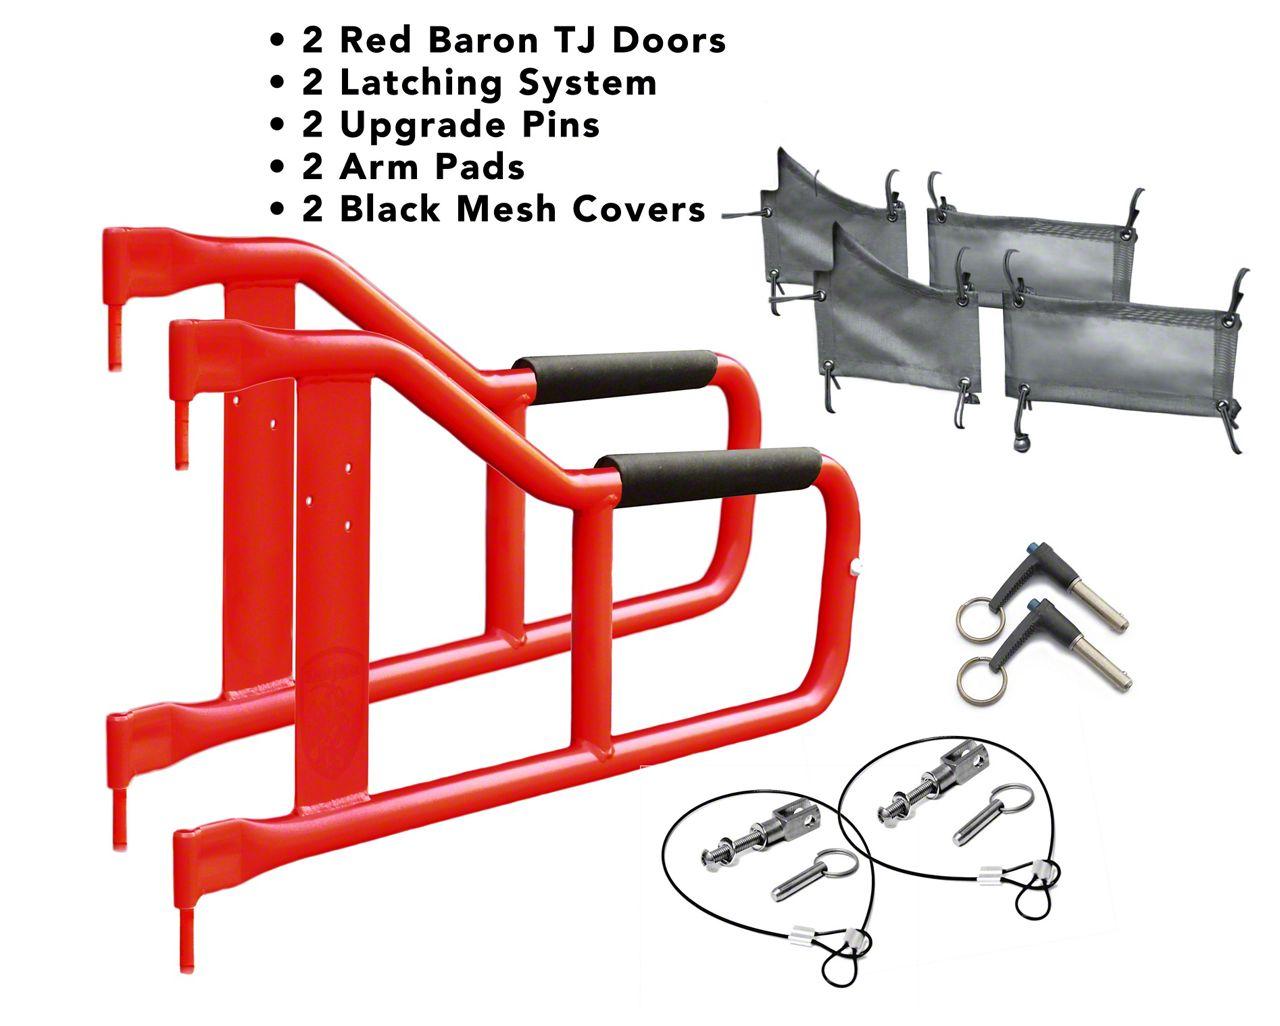 Steinjager Tube Doors - Red Baron & Black Mesh (97-06 Jeep Wrangler TJ)